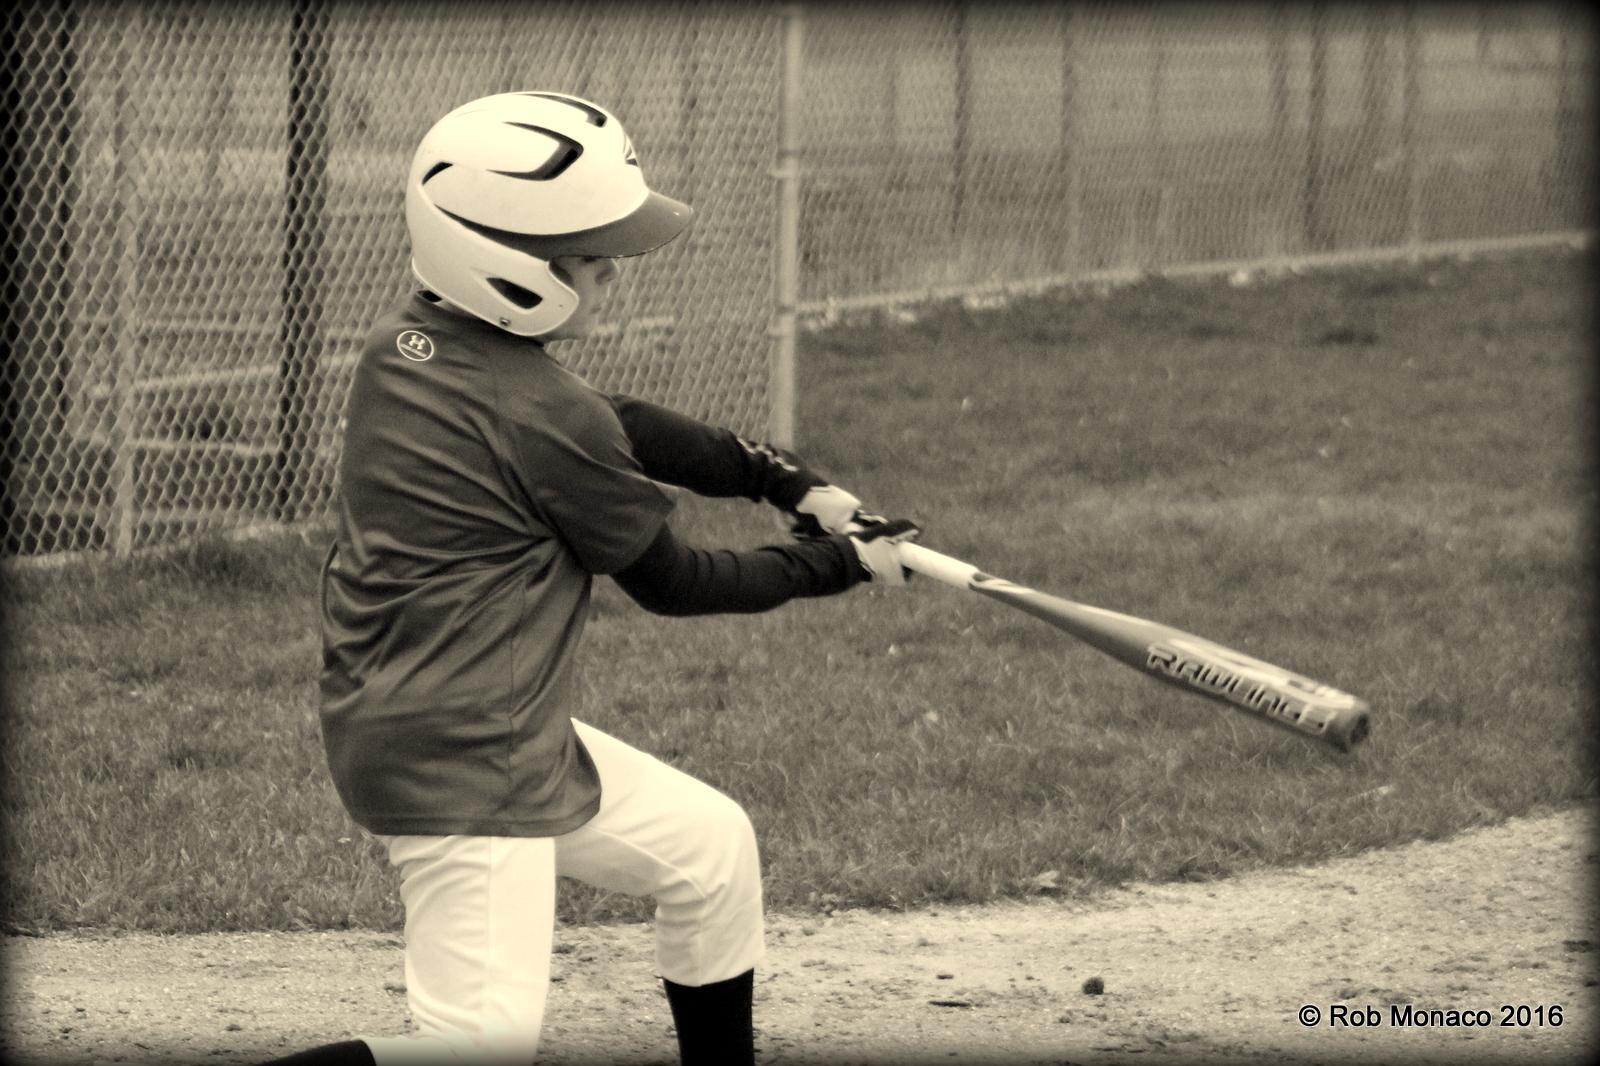 Nice Swing Kid!